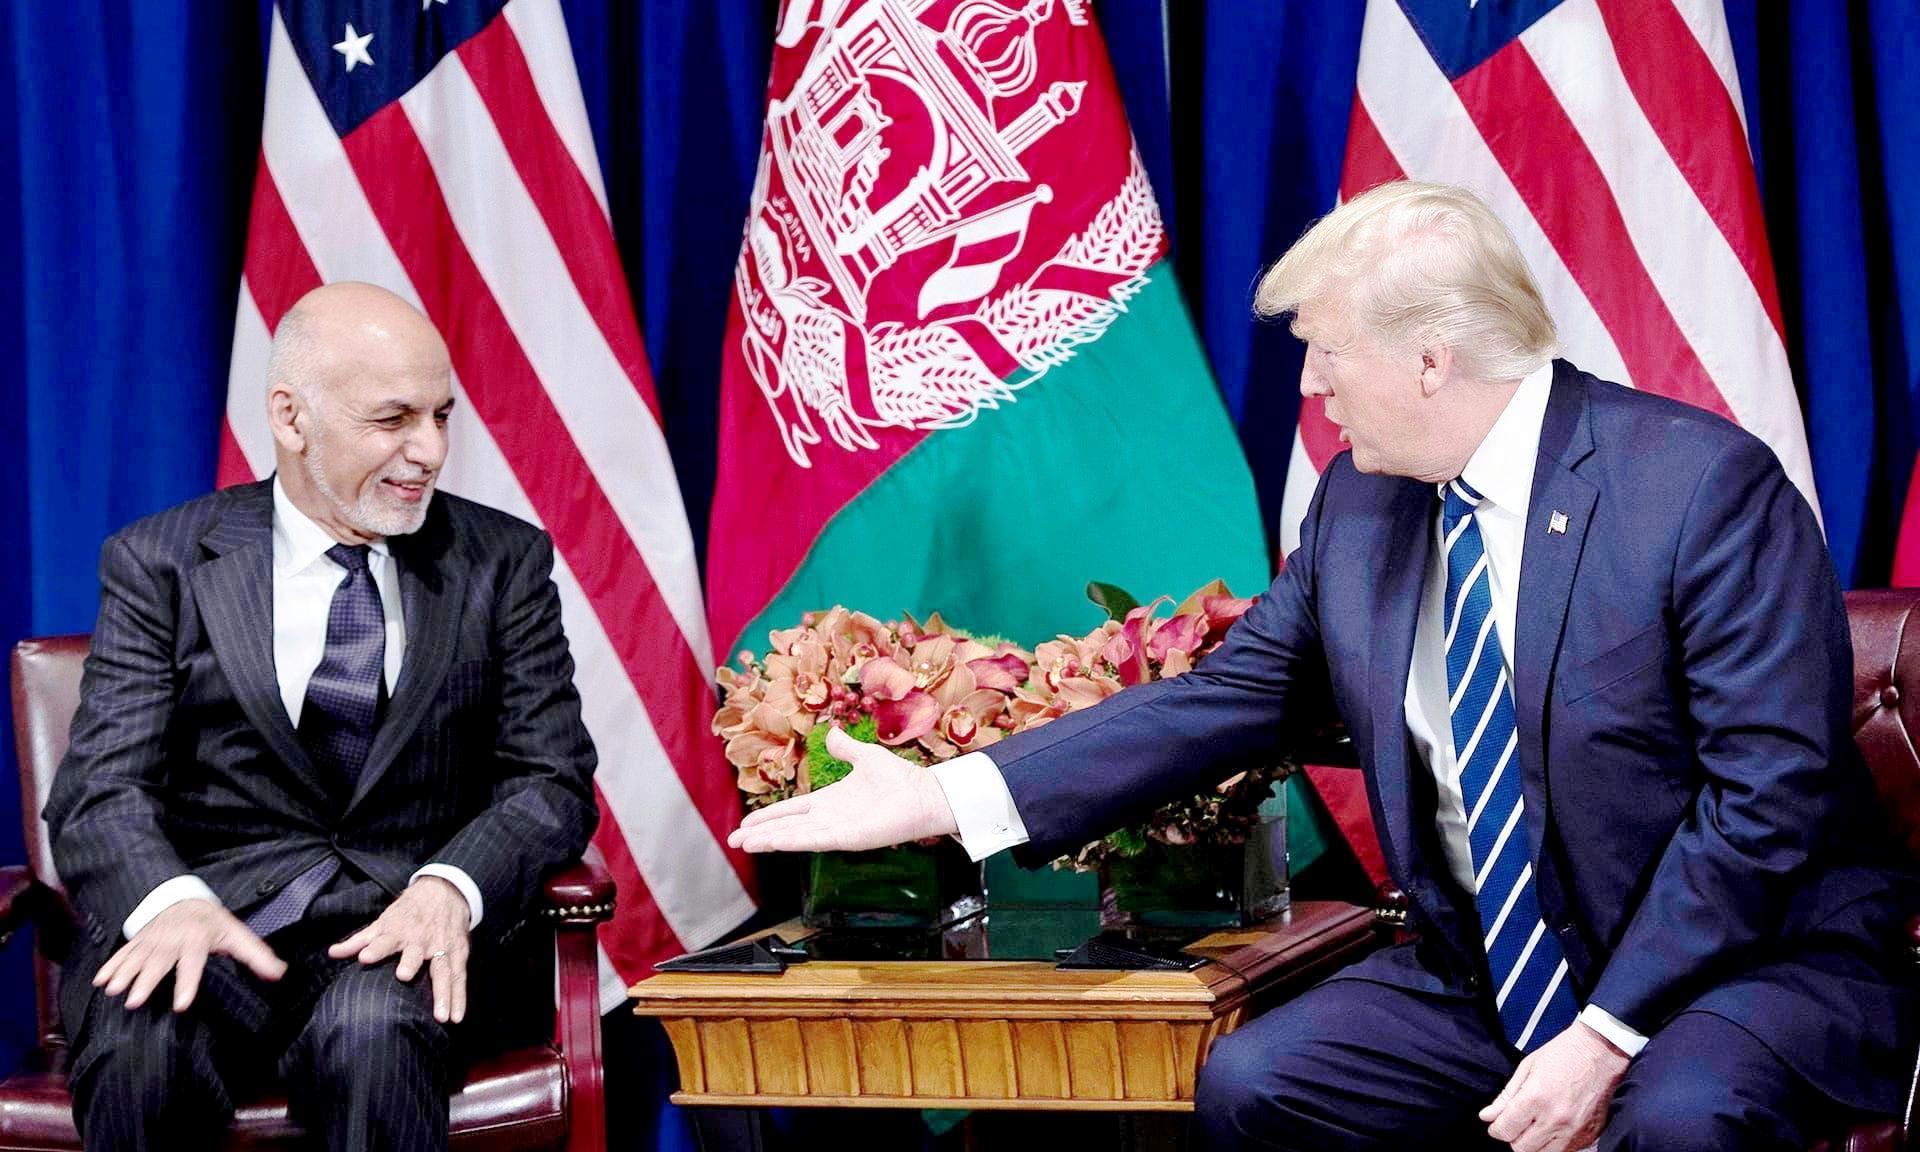 ترمپ اشرف غنی - حکومت وحدت ملی بدون امریکا دوام نمی آورد!